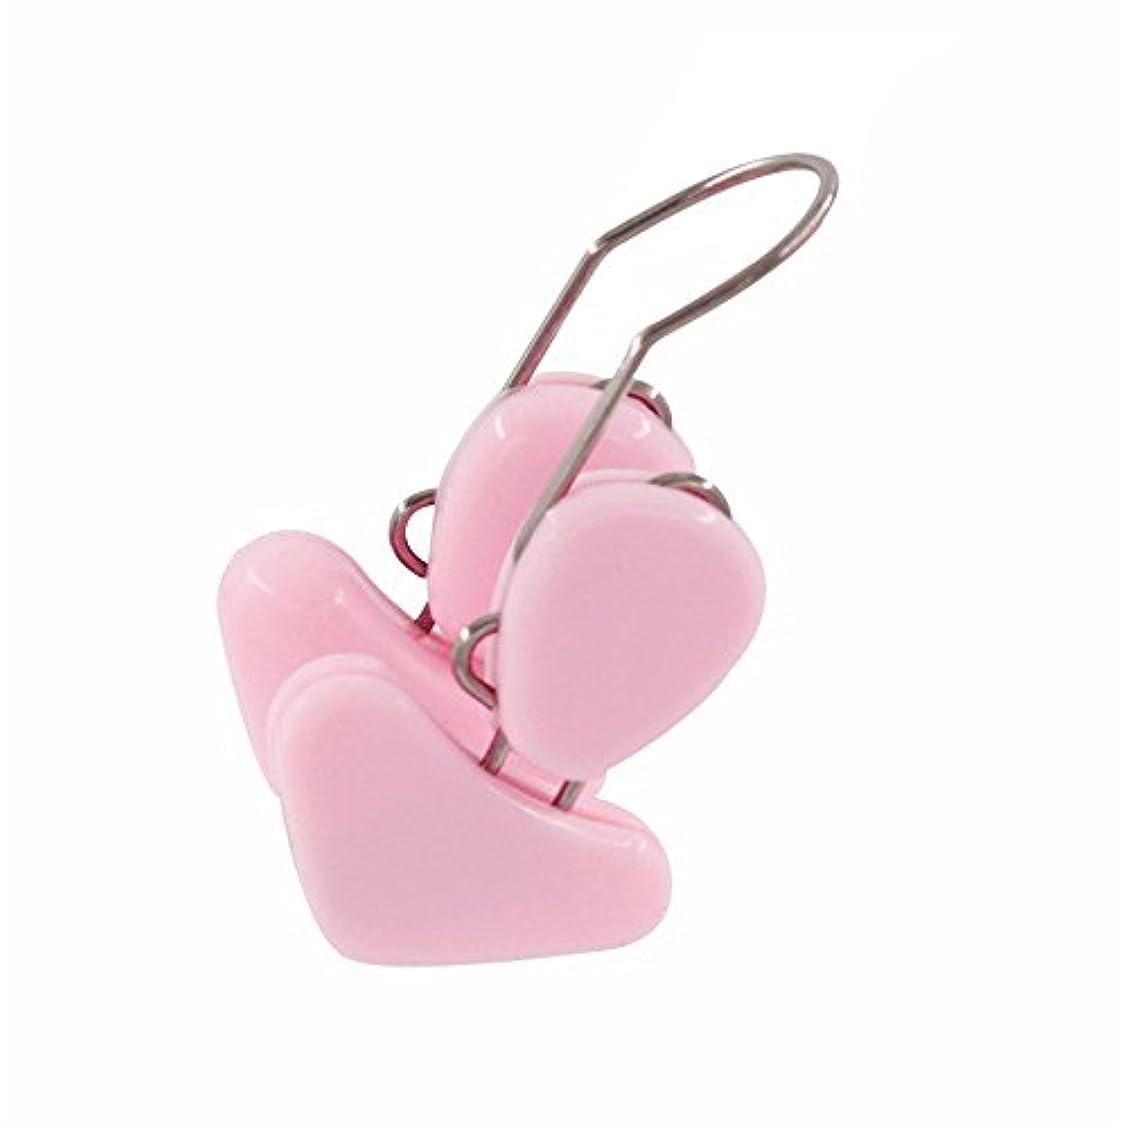 個人推測する交響曲鼻 整のクリップ 整形キット 美容クリップ ノーズリフティングシェイパー ストレートホーニングツール ピンク